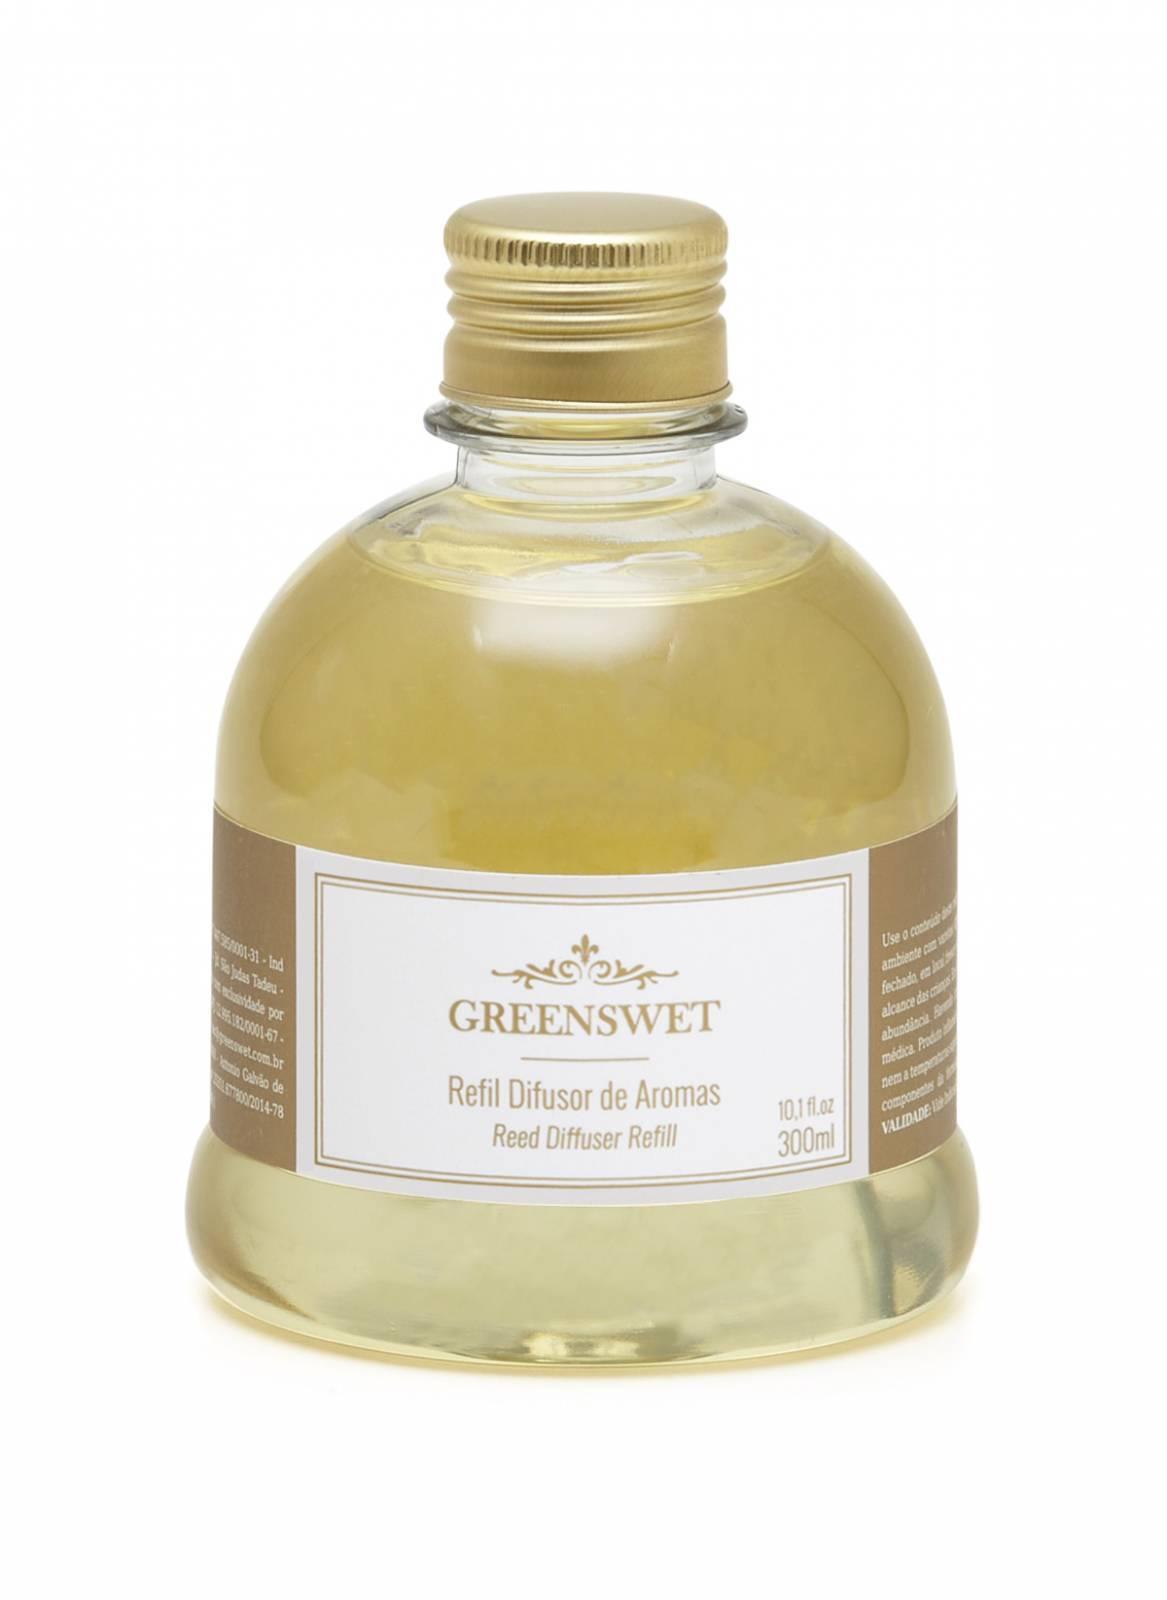 Refil Difusor de Aromas 300ml Essência Mandarina e Canela - Greenswet Aromatizantes